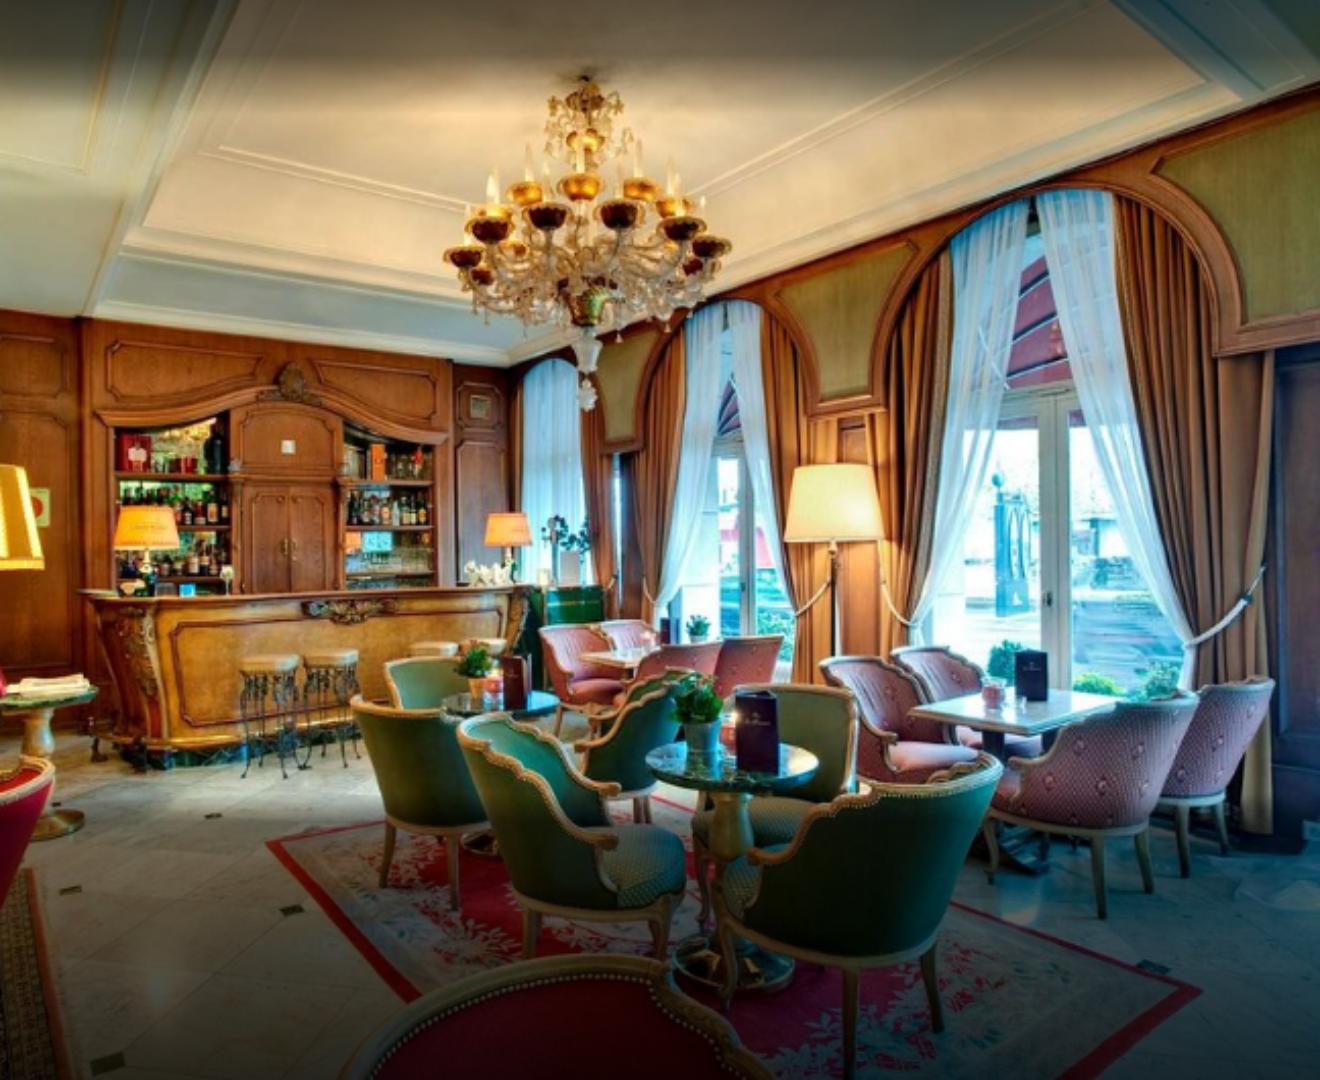 Tagen Und Feiern Im Grand Hotel Cravat Hotel Bar Konferenzraum Cafe Restaurant Lounge Club Literaturort Loft Galerie Eventlocation Eventlocation In Luxemburg